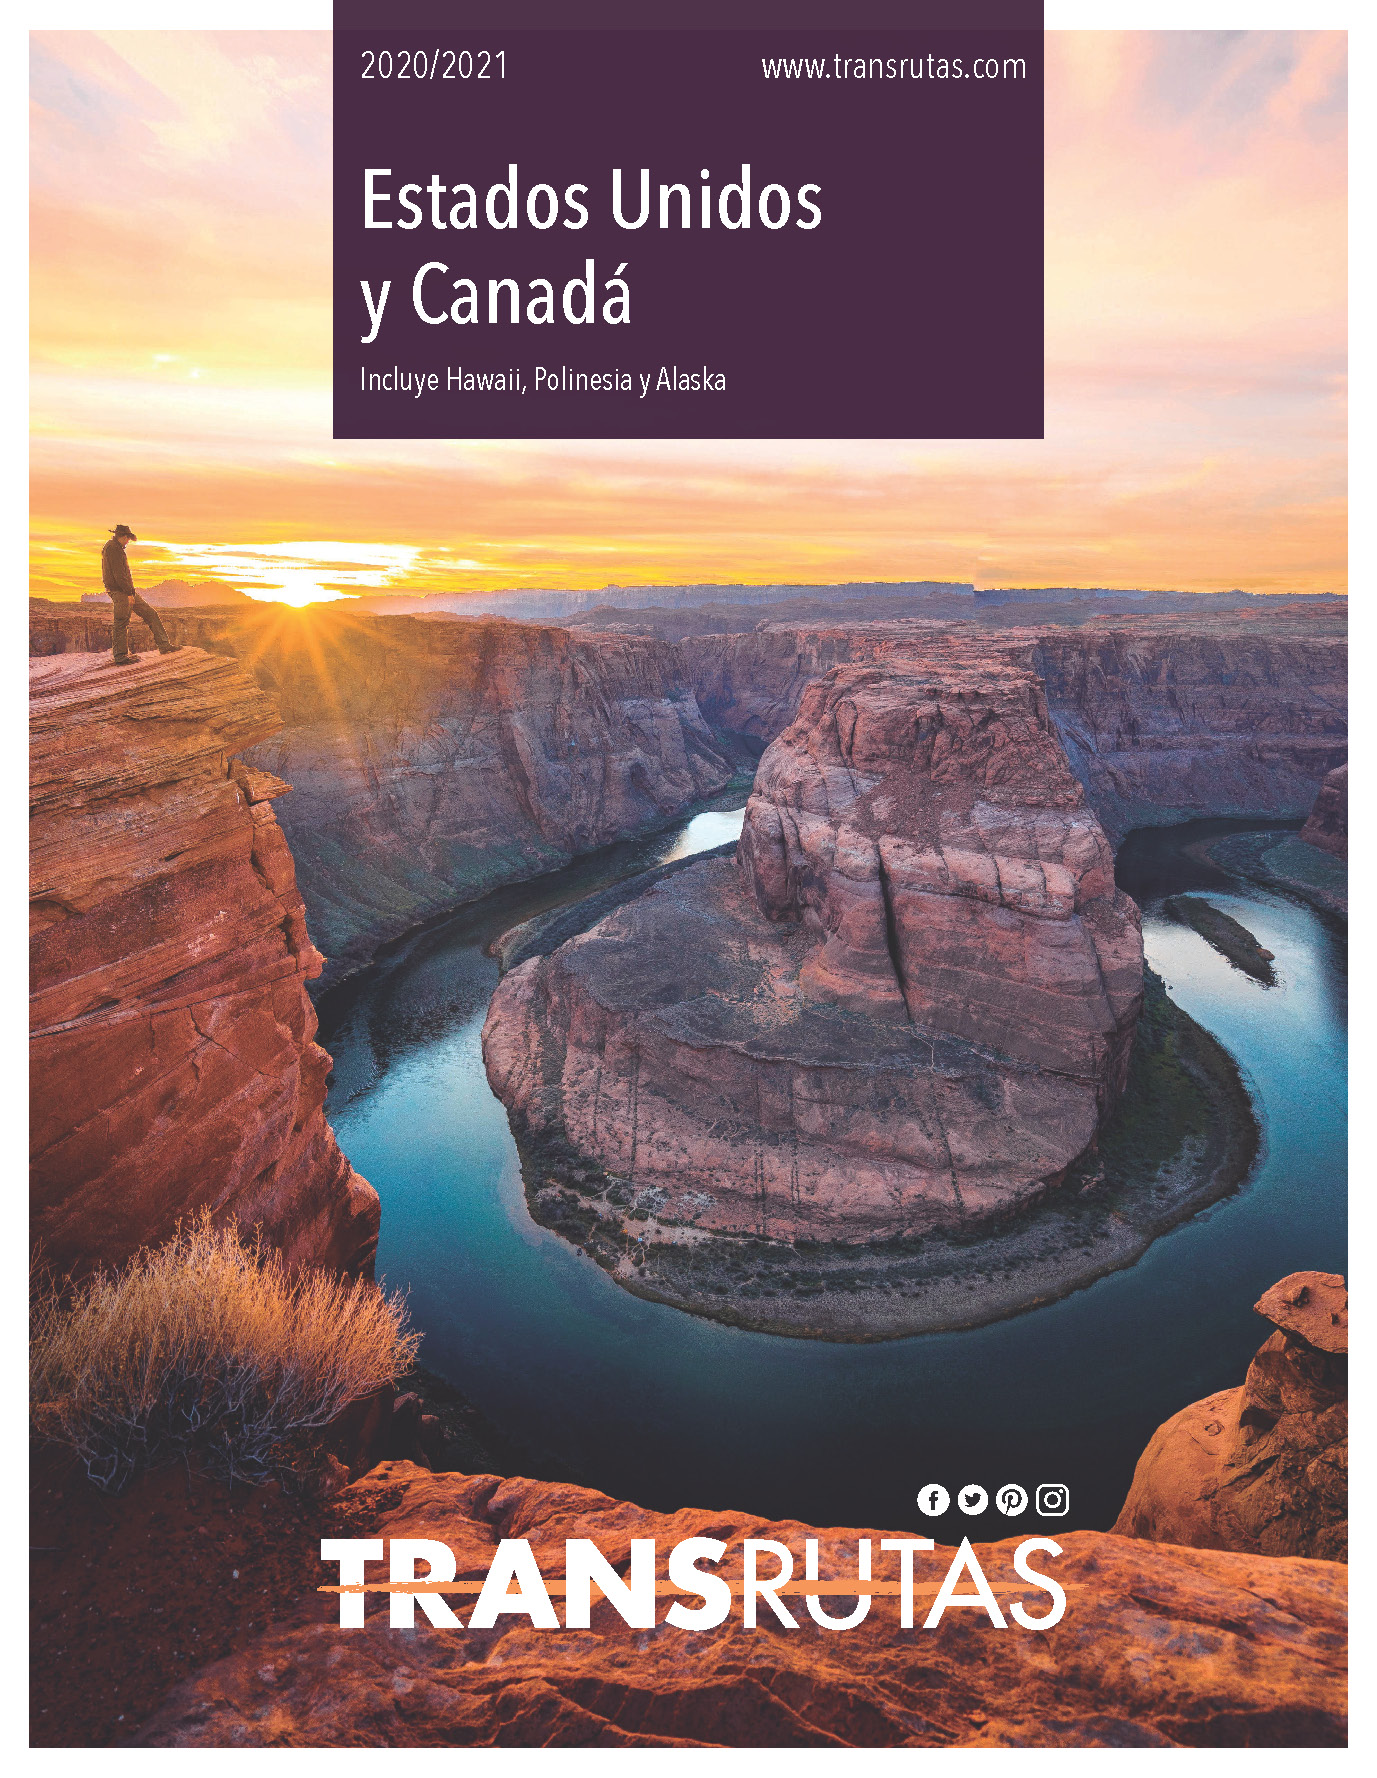 Catalogo Transrutas Estados Unidos y Canada 2020-2021